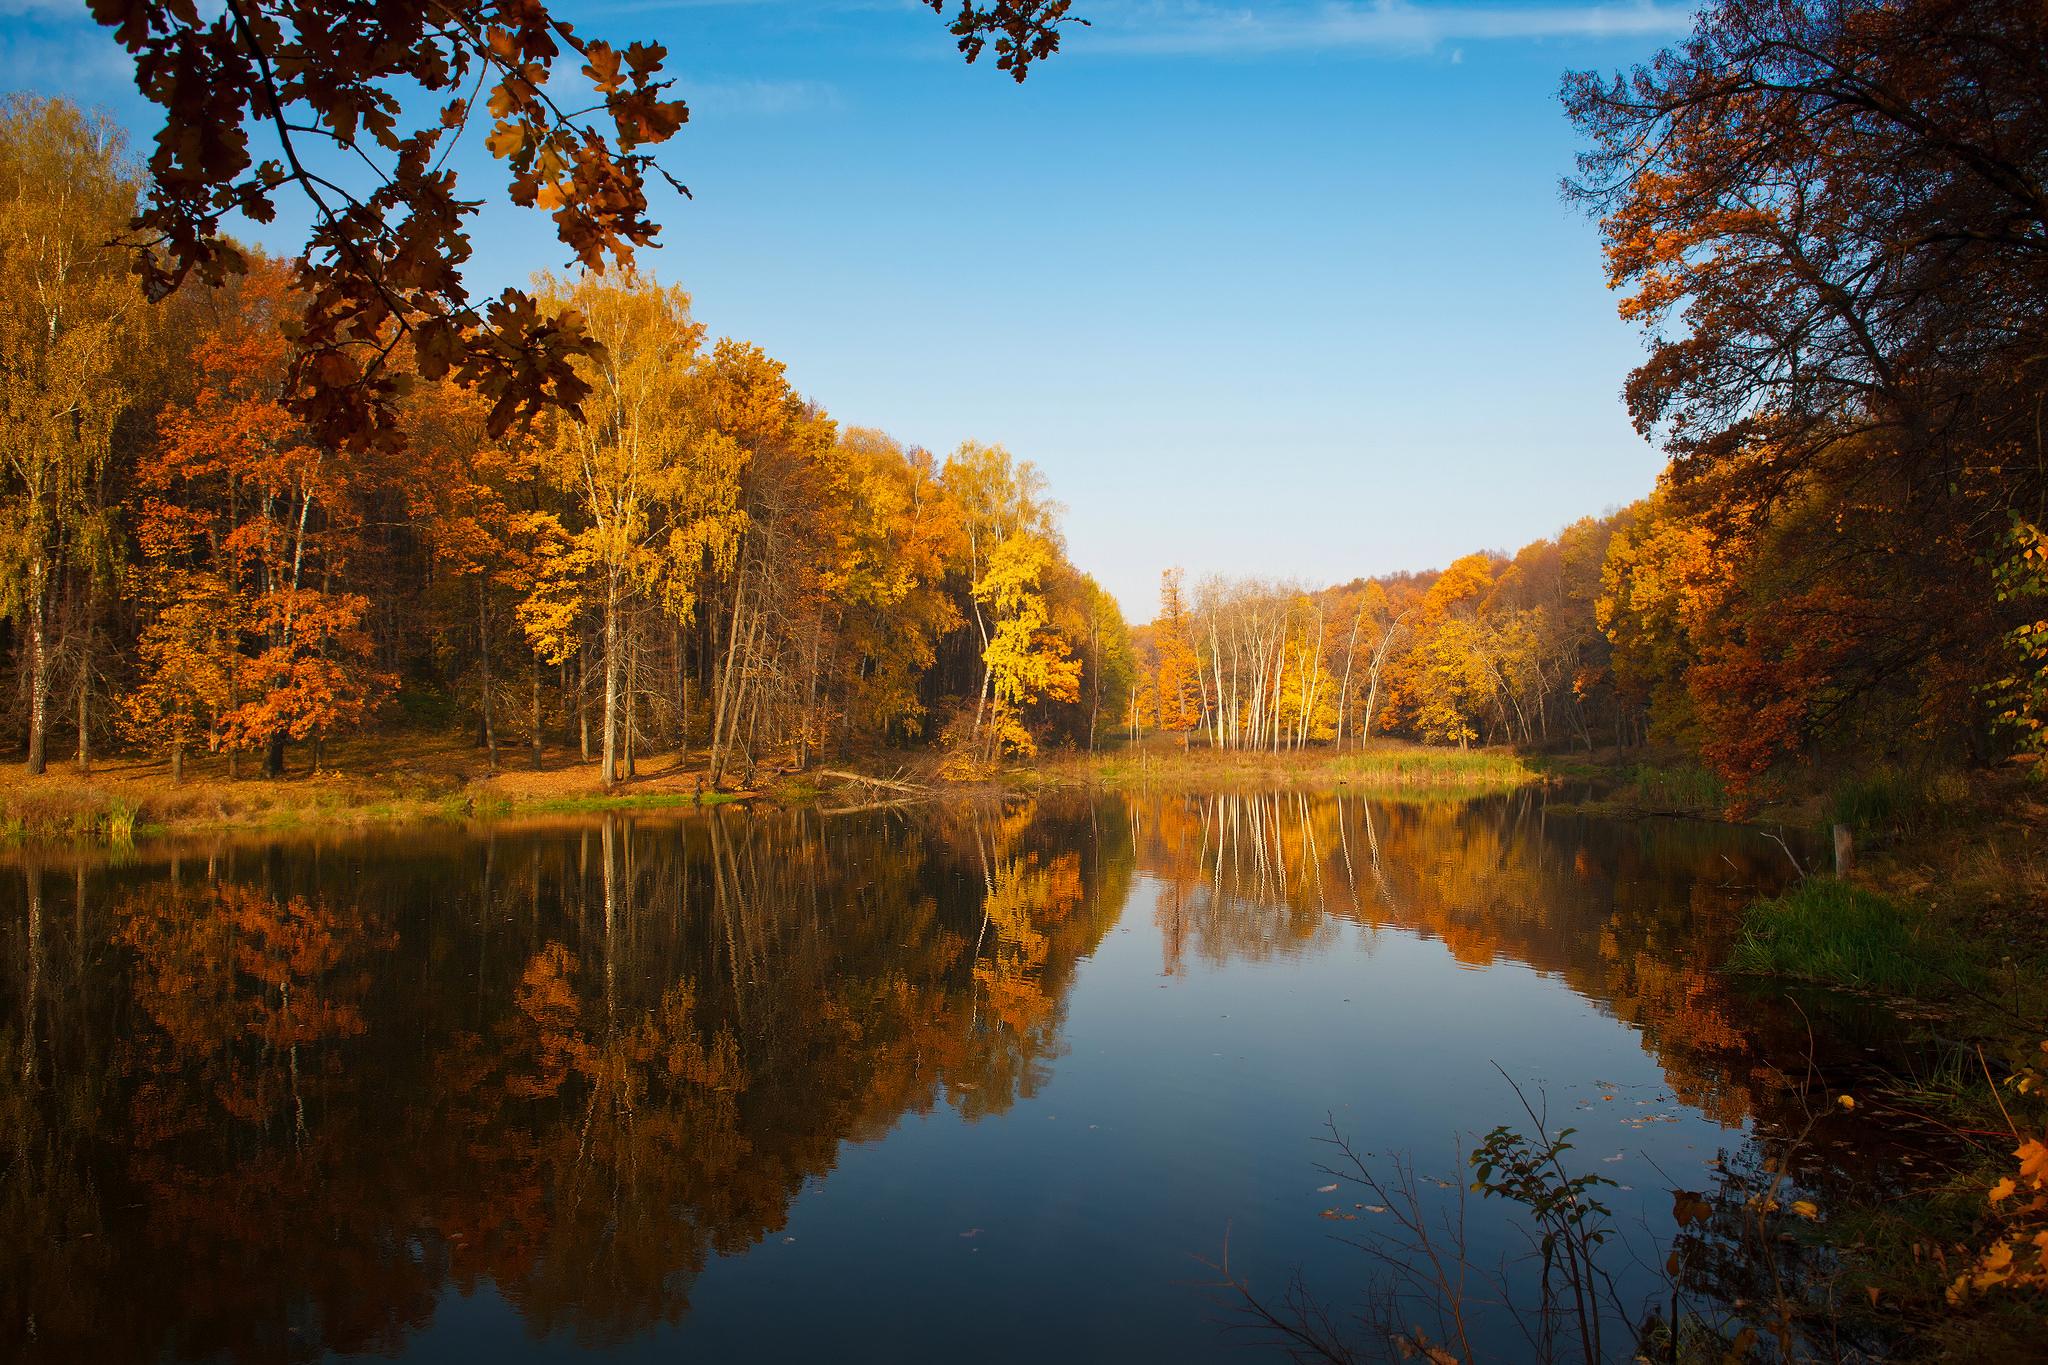 природа озеро деревья небо оссень  № 2535957 загрузить